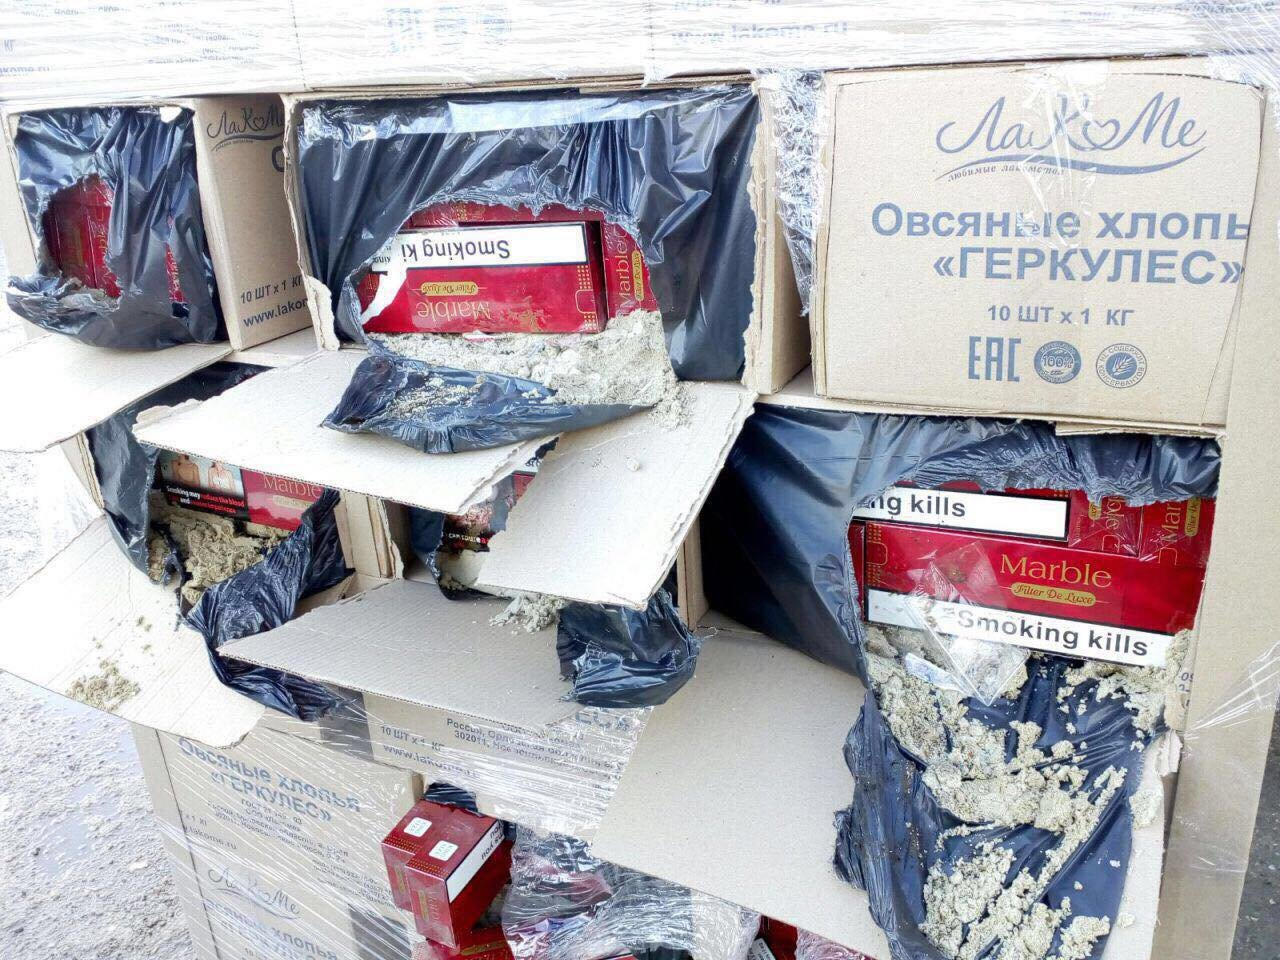 Корупція на Закарпатській митниці: в Румунію пропустили фуру з 450 ящиками цигарок, в Угорщину - 860 кг бурштину (ФОТО), фото-1